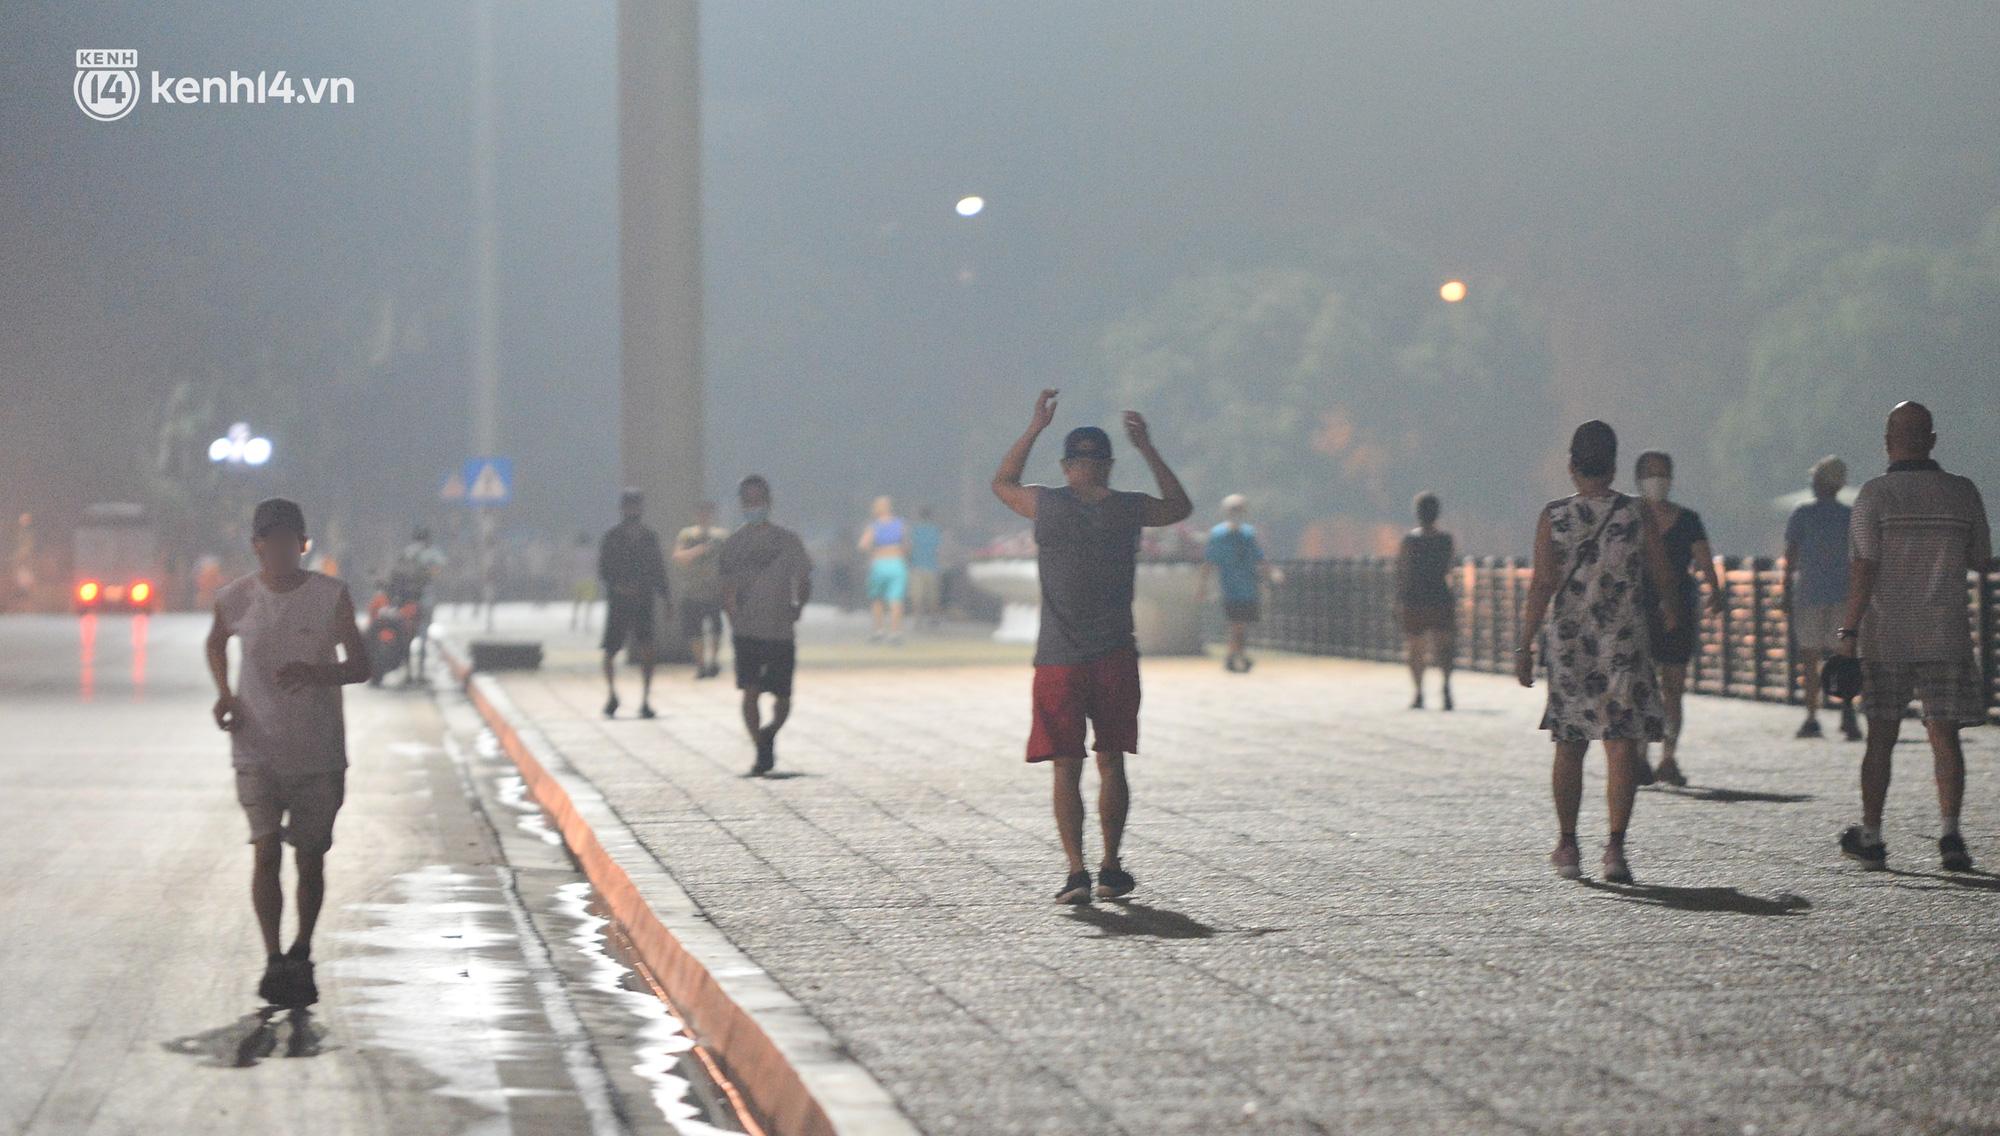 Hà Nội: Người dân né chốt, nửa đêm đến hồ Gươm tập thể dục dù công an canh gác xuyên đêm - Ảnh 17.